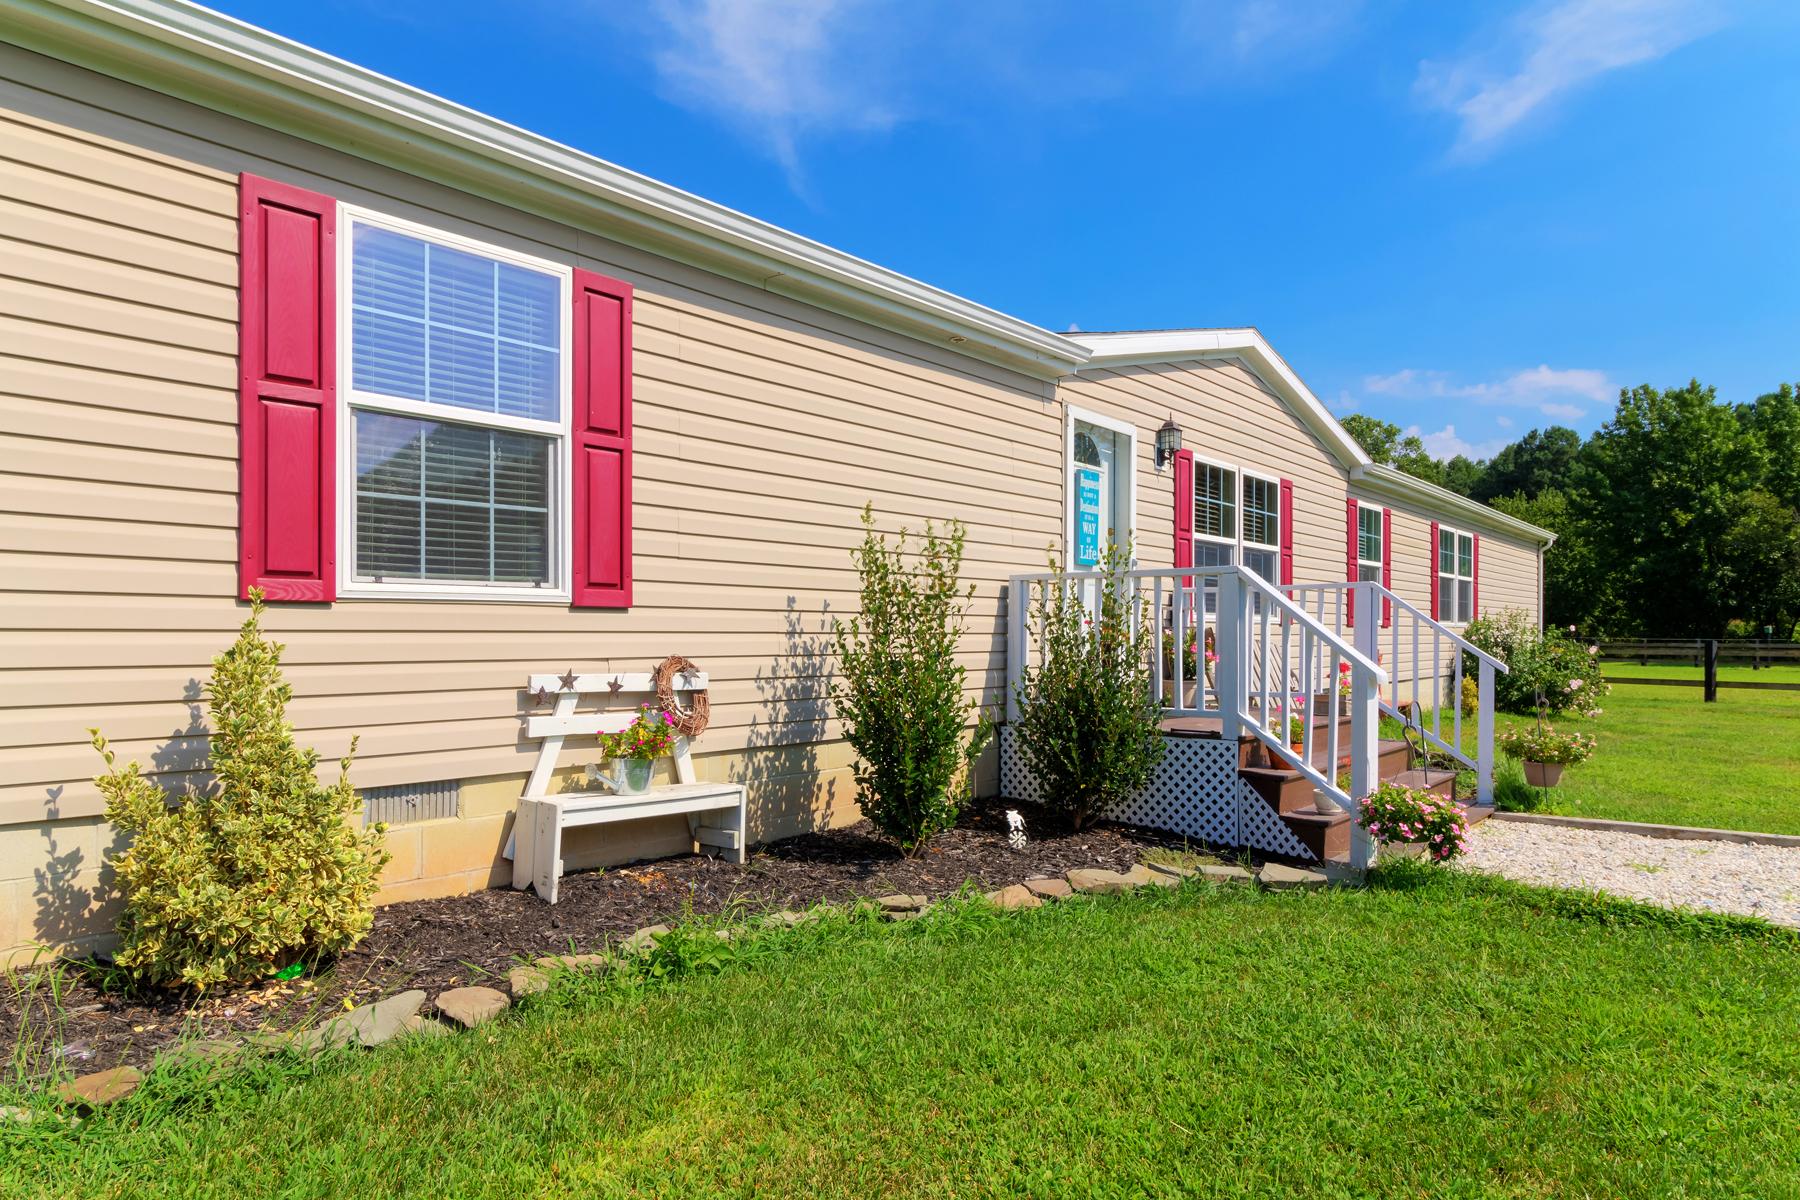 Casa Unifamiliar por un Venta en 36255 Circle J Farm Rd , Selbyville, DE 19975 36255 Circle J Farm Rd Selbyville, Delaware 19975 Estados Unidos